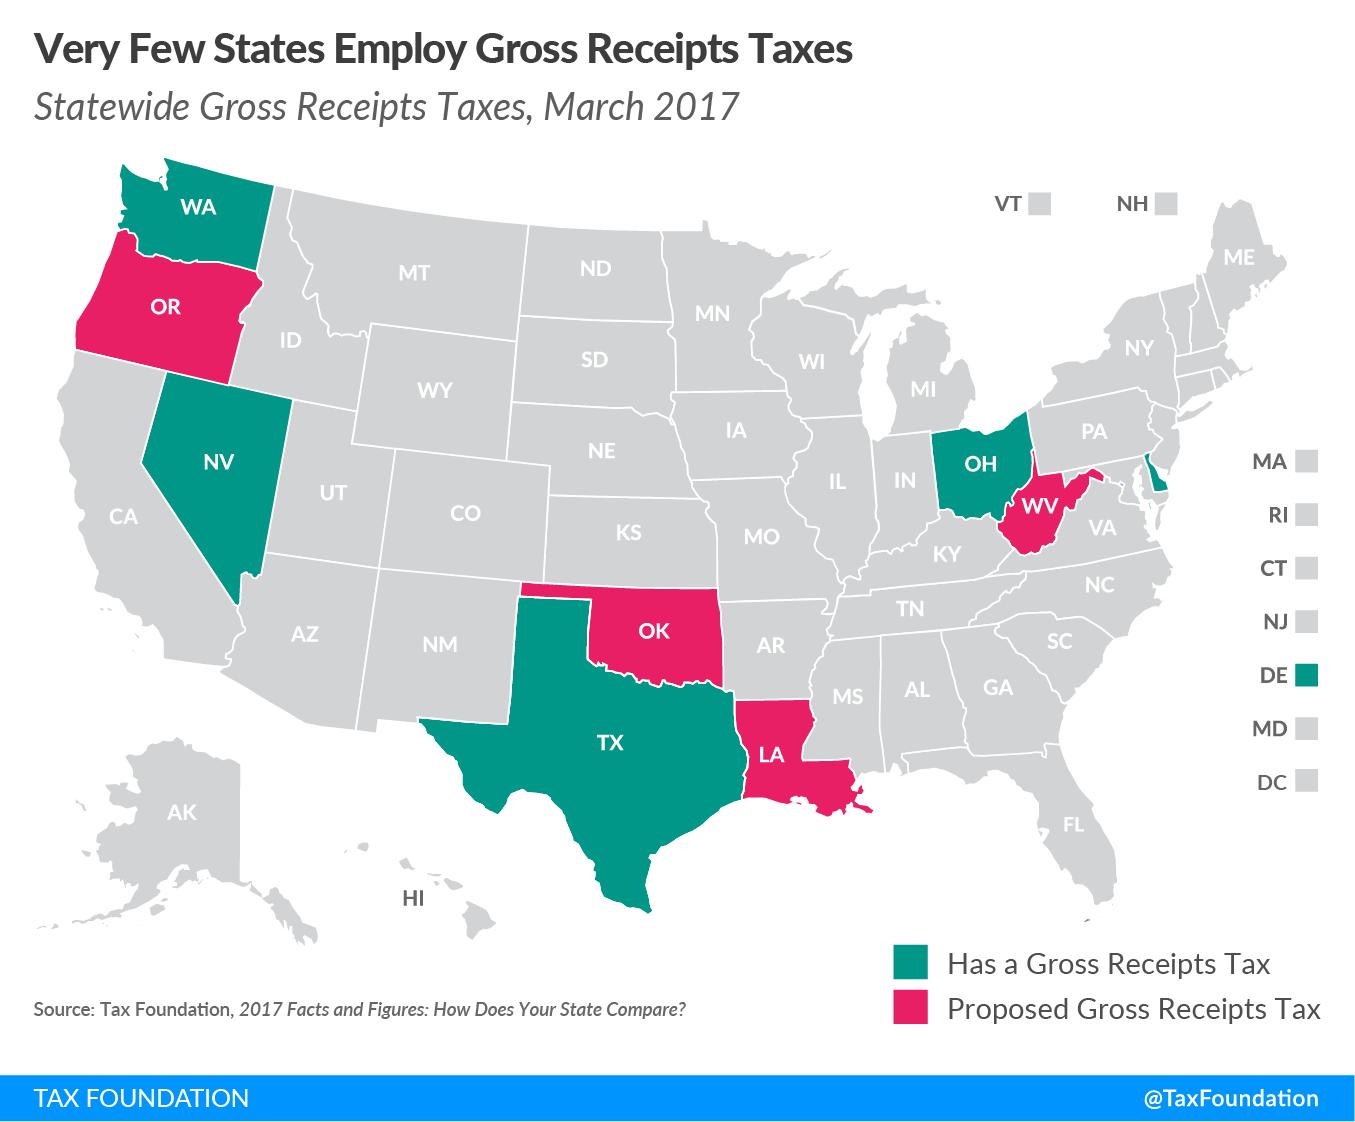 Gross Receipts Taxes 2017 (GRT)